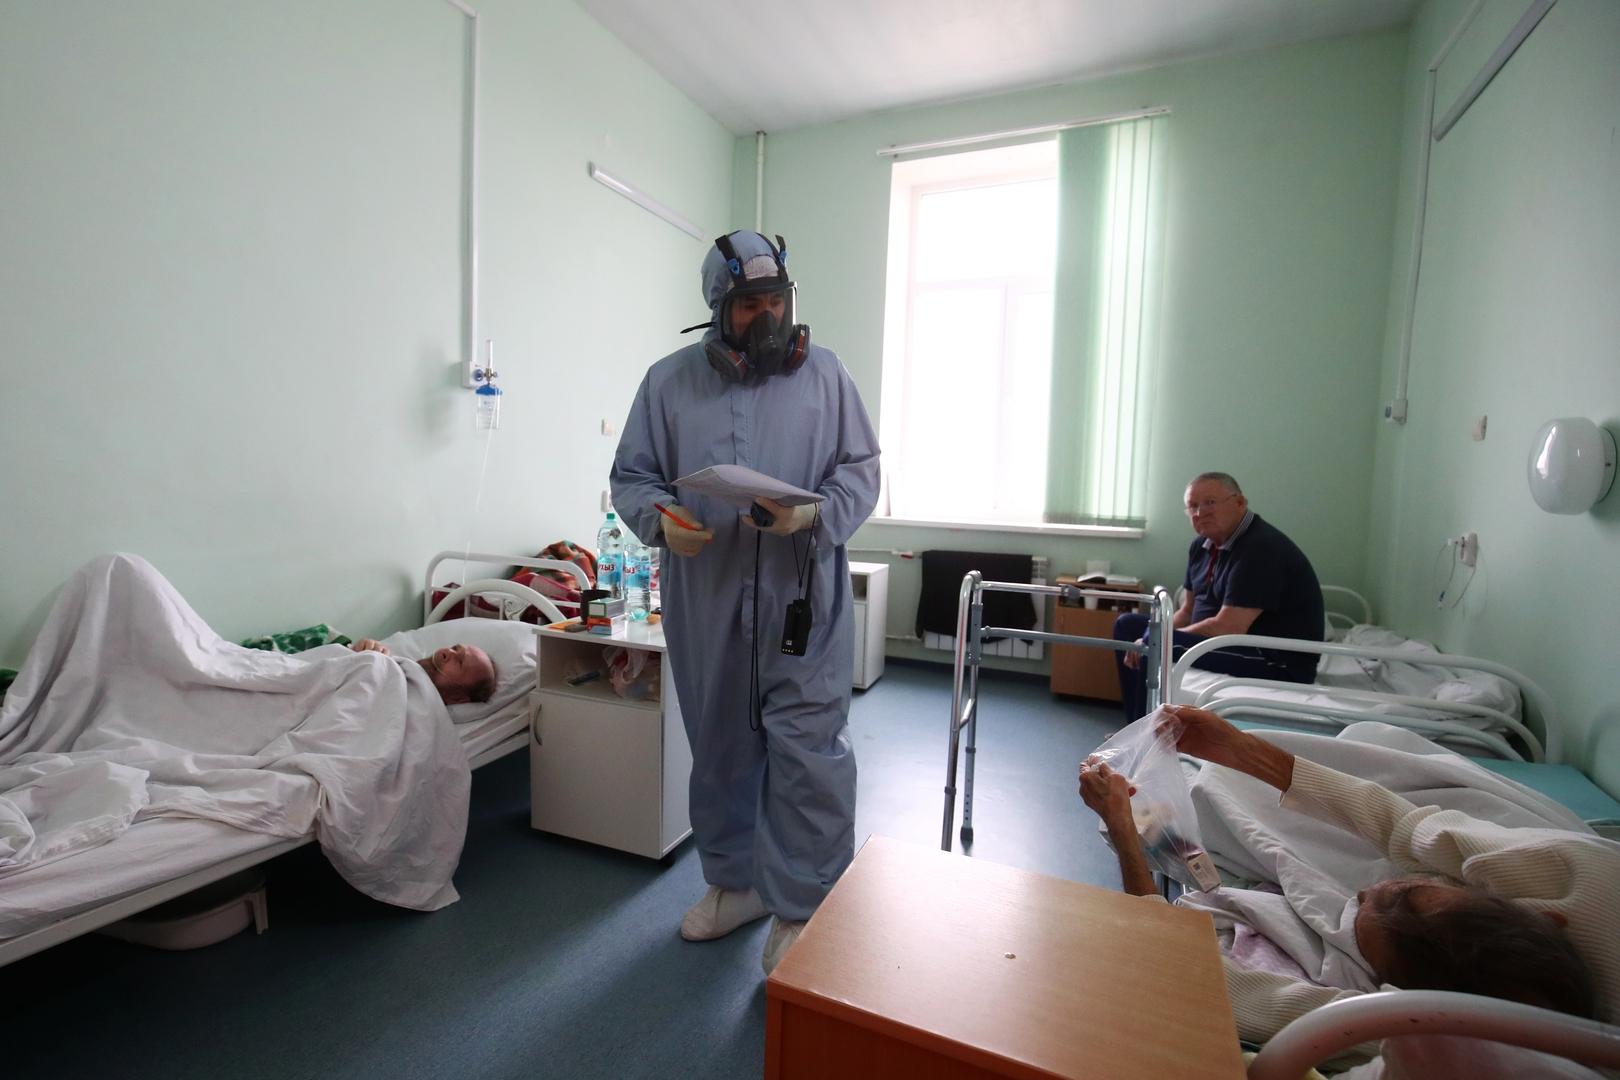 استقرار في الحالة الوبائية بروسيا وفقا لبيانات كورونا اليومية